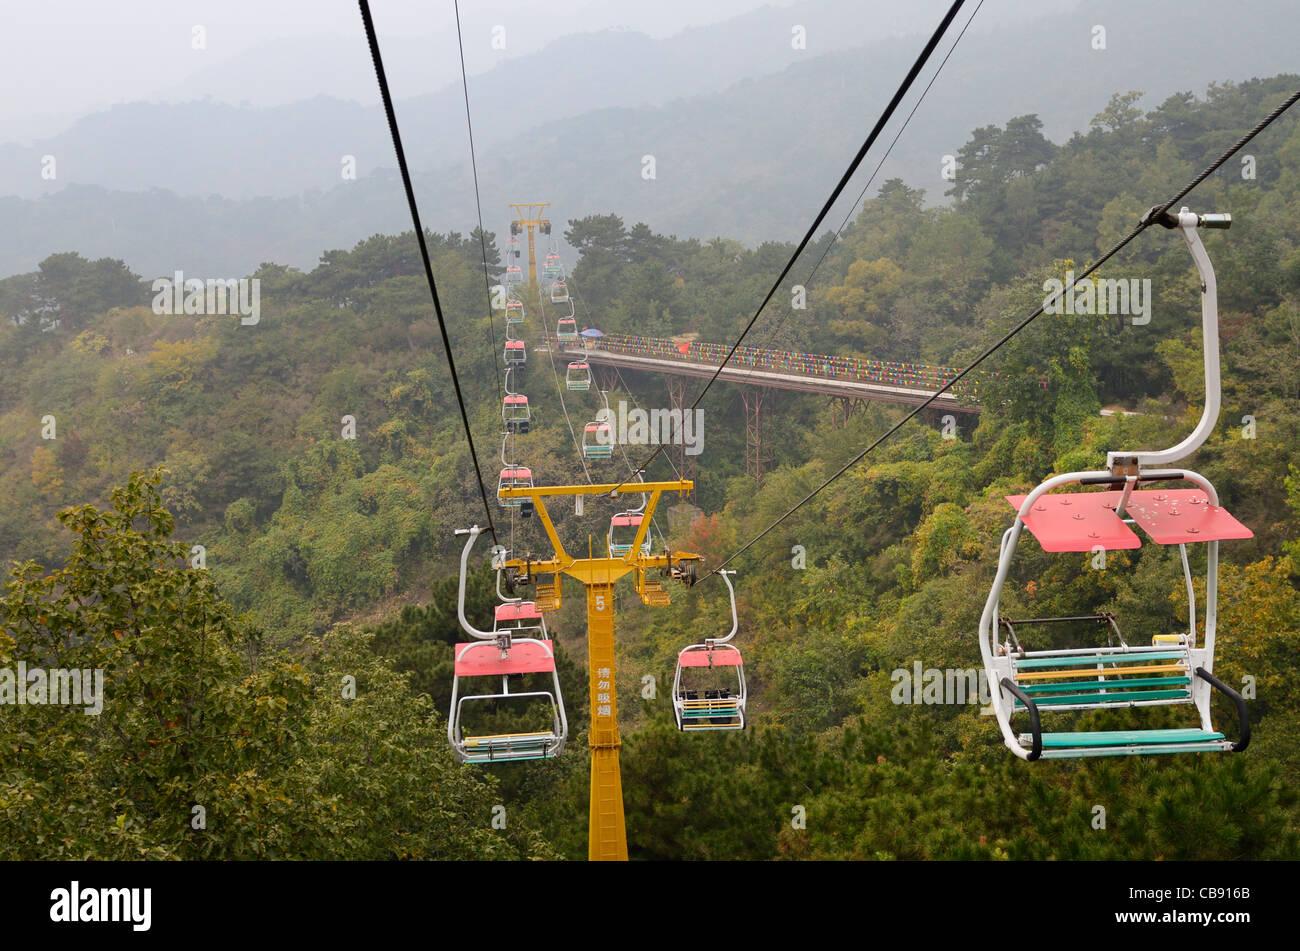 Chair lift and wheeled toboggan ride at Mutianyu Great Wall of China Huairou County north of Beijing - Stock Image